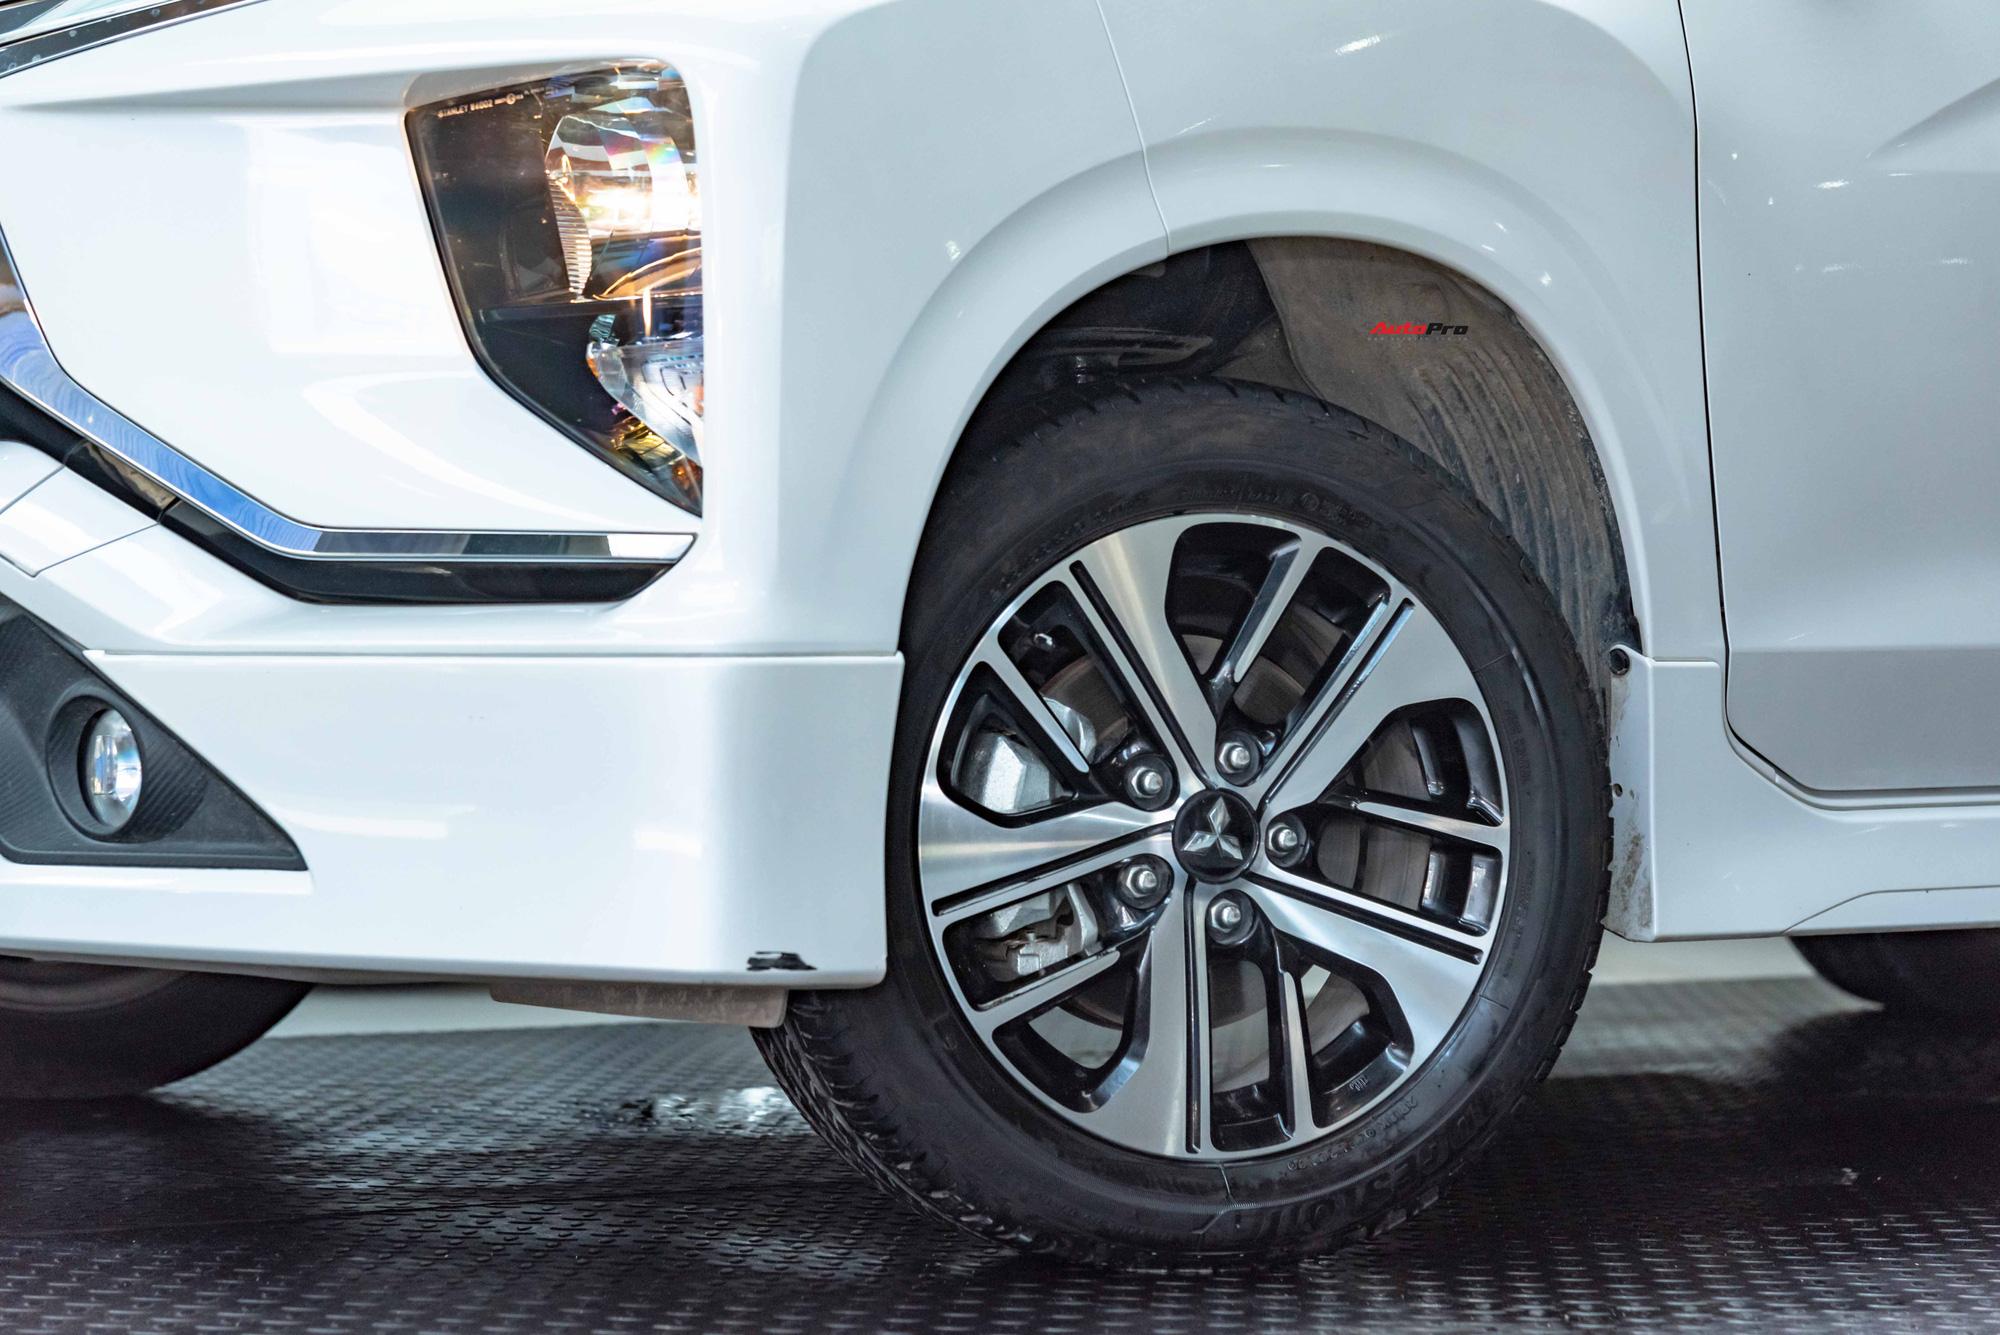 Ra mắt Mitsubishi Xpander 2020: Đánh giá 8 điểm mới, tăng 10 triệu nhưng tặng lại 10 triệu, rộng đường giữ ngôi vua MPV-5